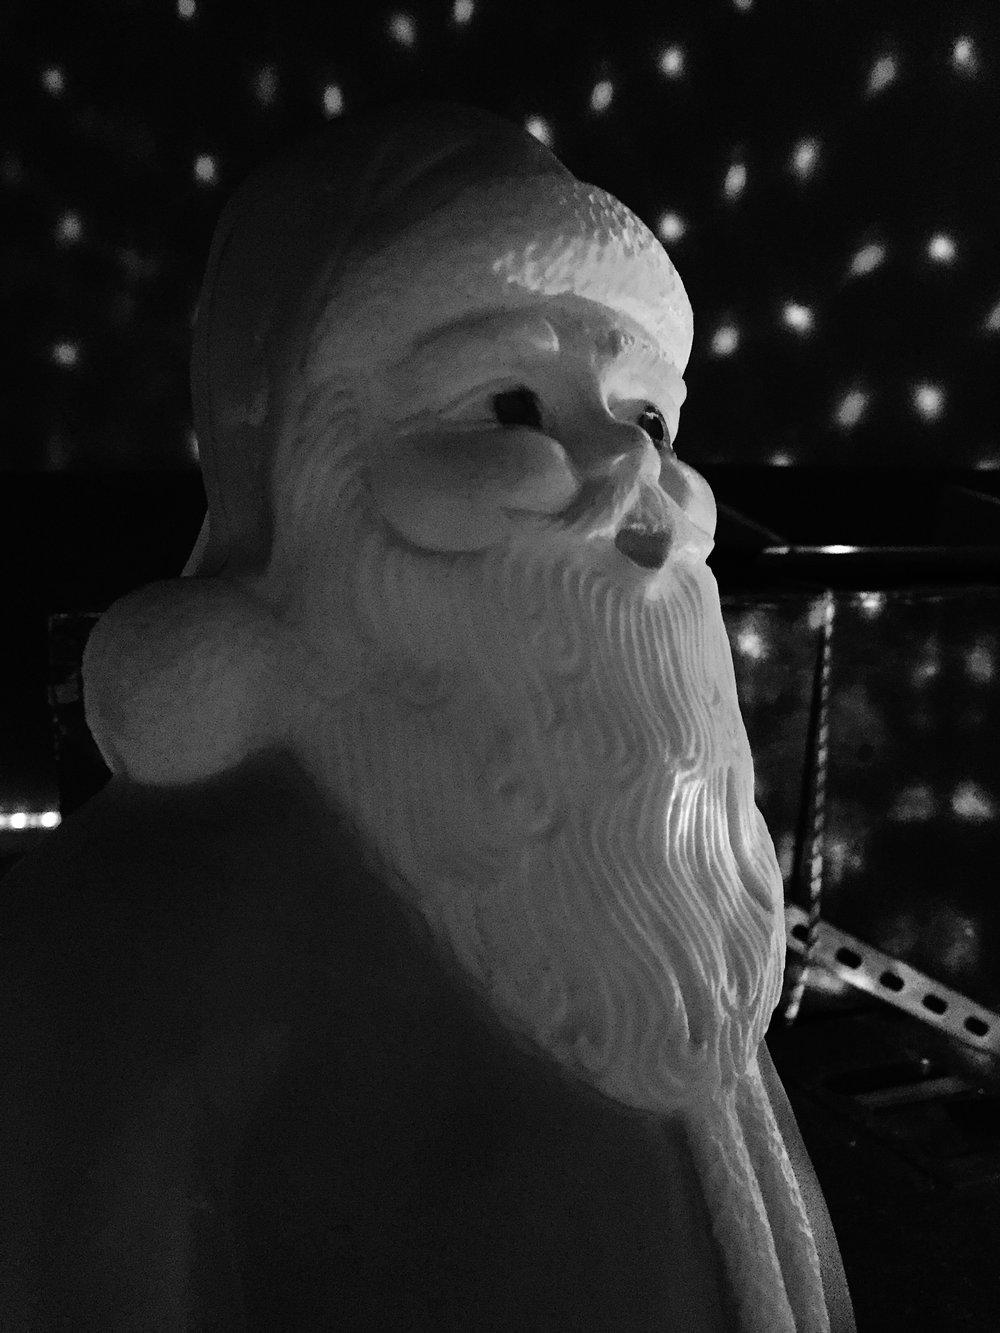 Santa. December 2017.